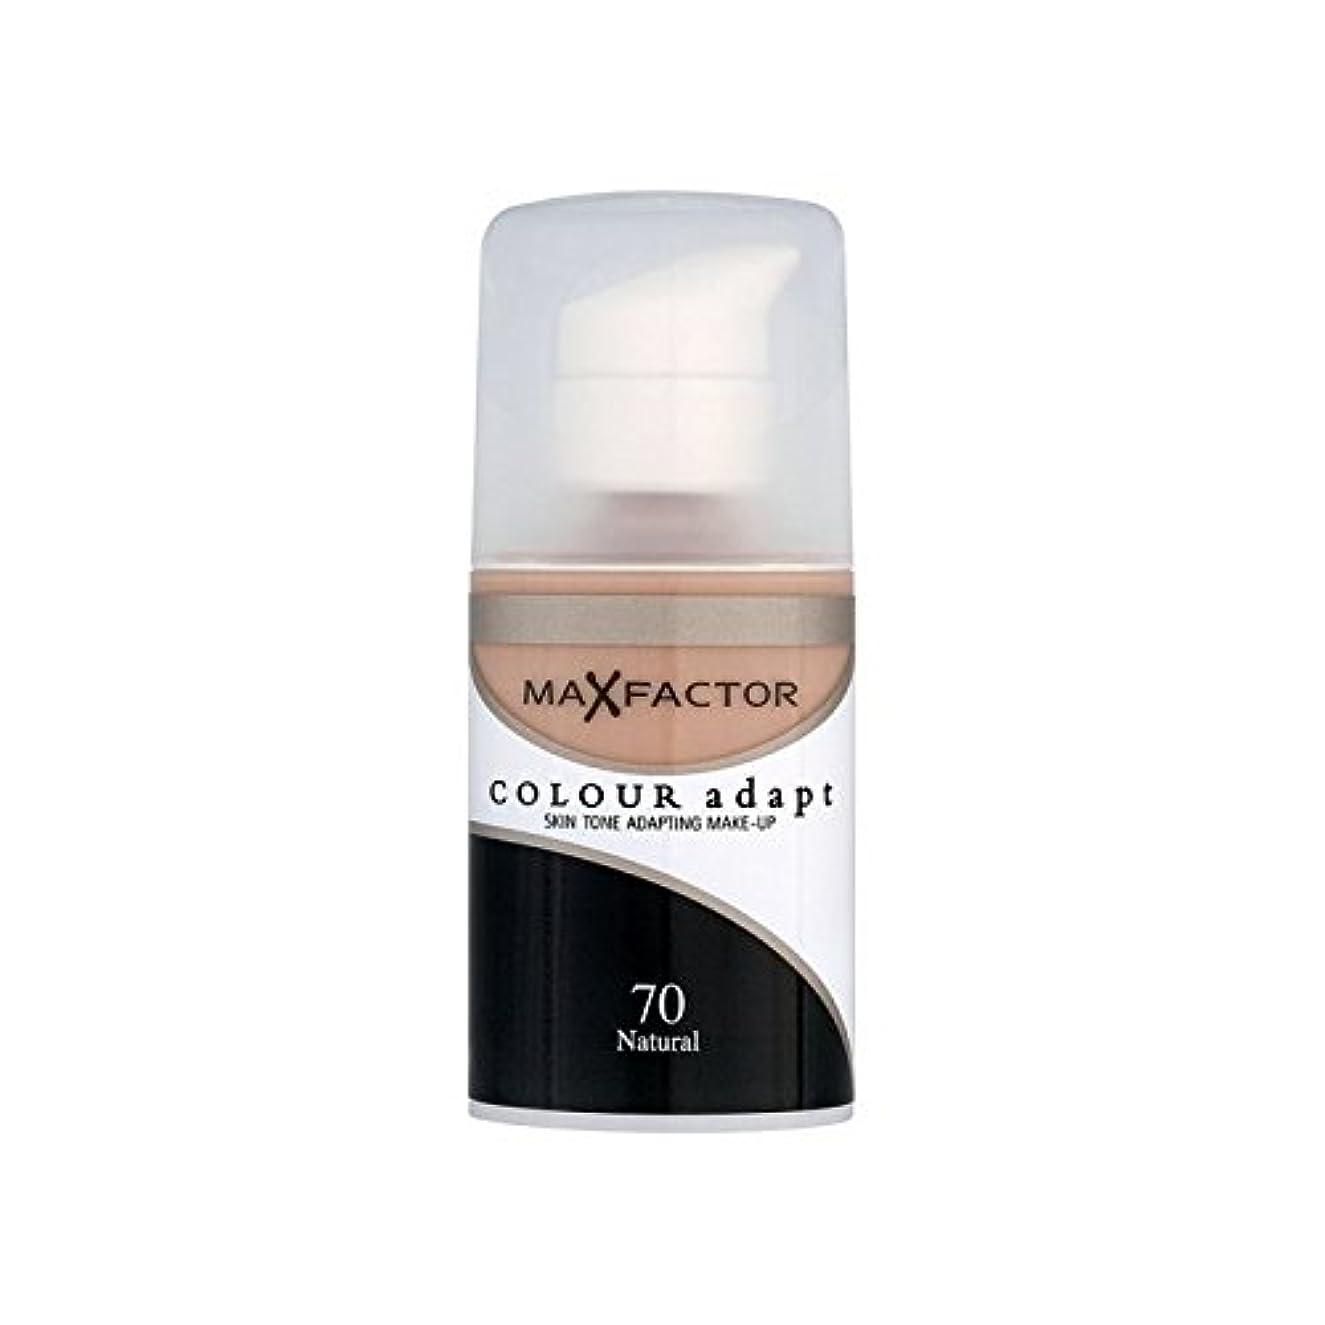 気づかないスパイ黒マックスファクターの色は、基礎自然70を適応させます x4 - Max Factor Colour Adapt Foundation Natural 70 (Pack of 4) [並行輸入品]